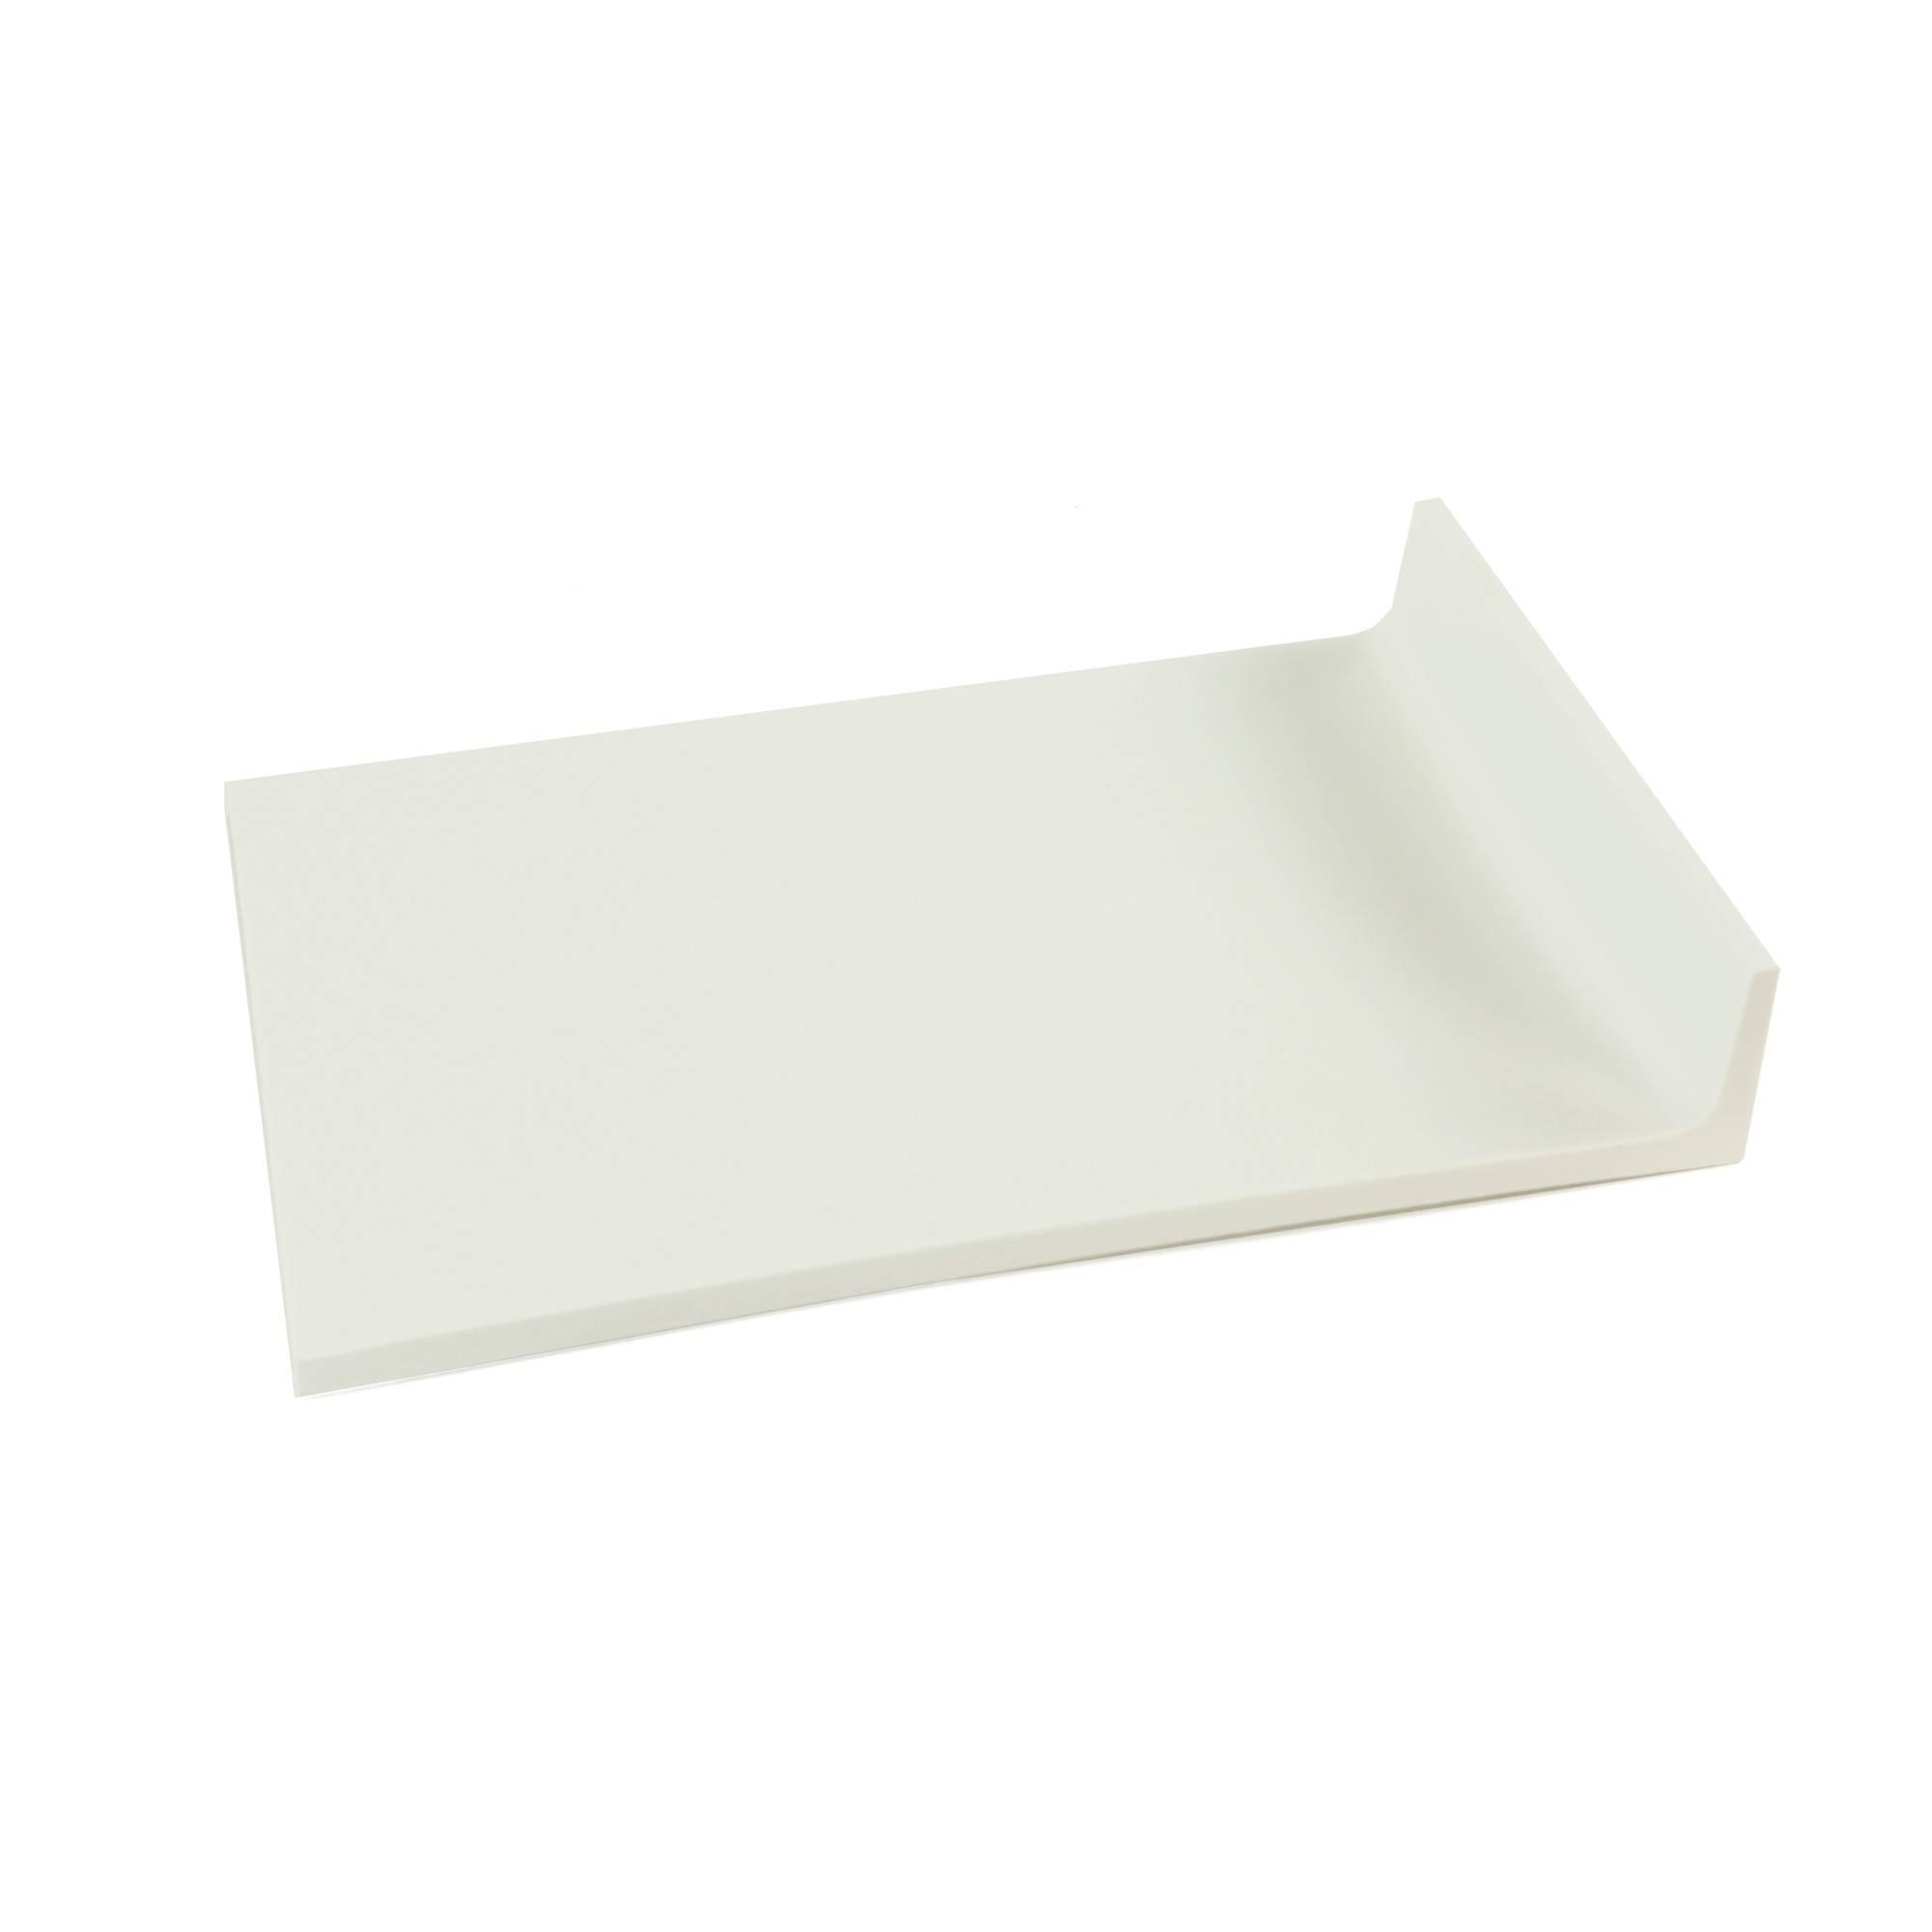 planche de cuisine planche dcouper bois faon billot x cm with planche de cuisine cool planche. Black Bedroom Furniture Sets. Home Design Ideas